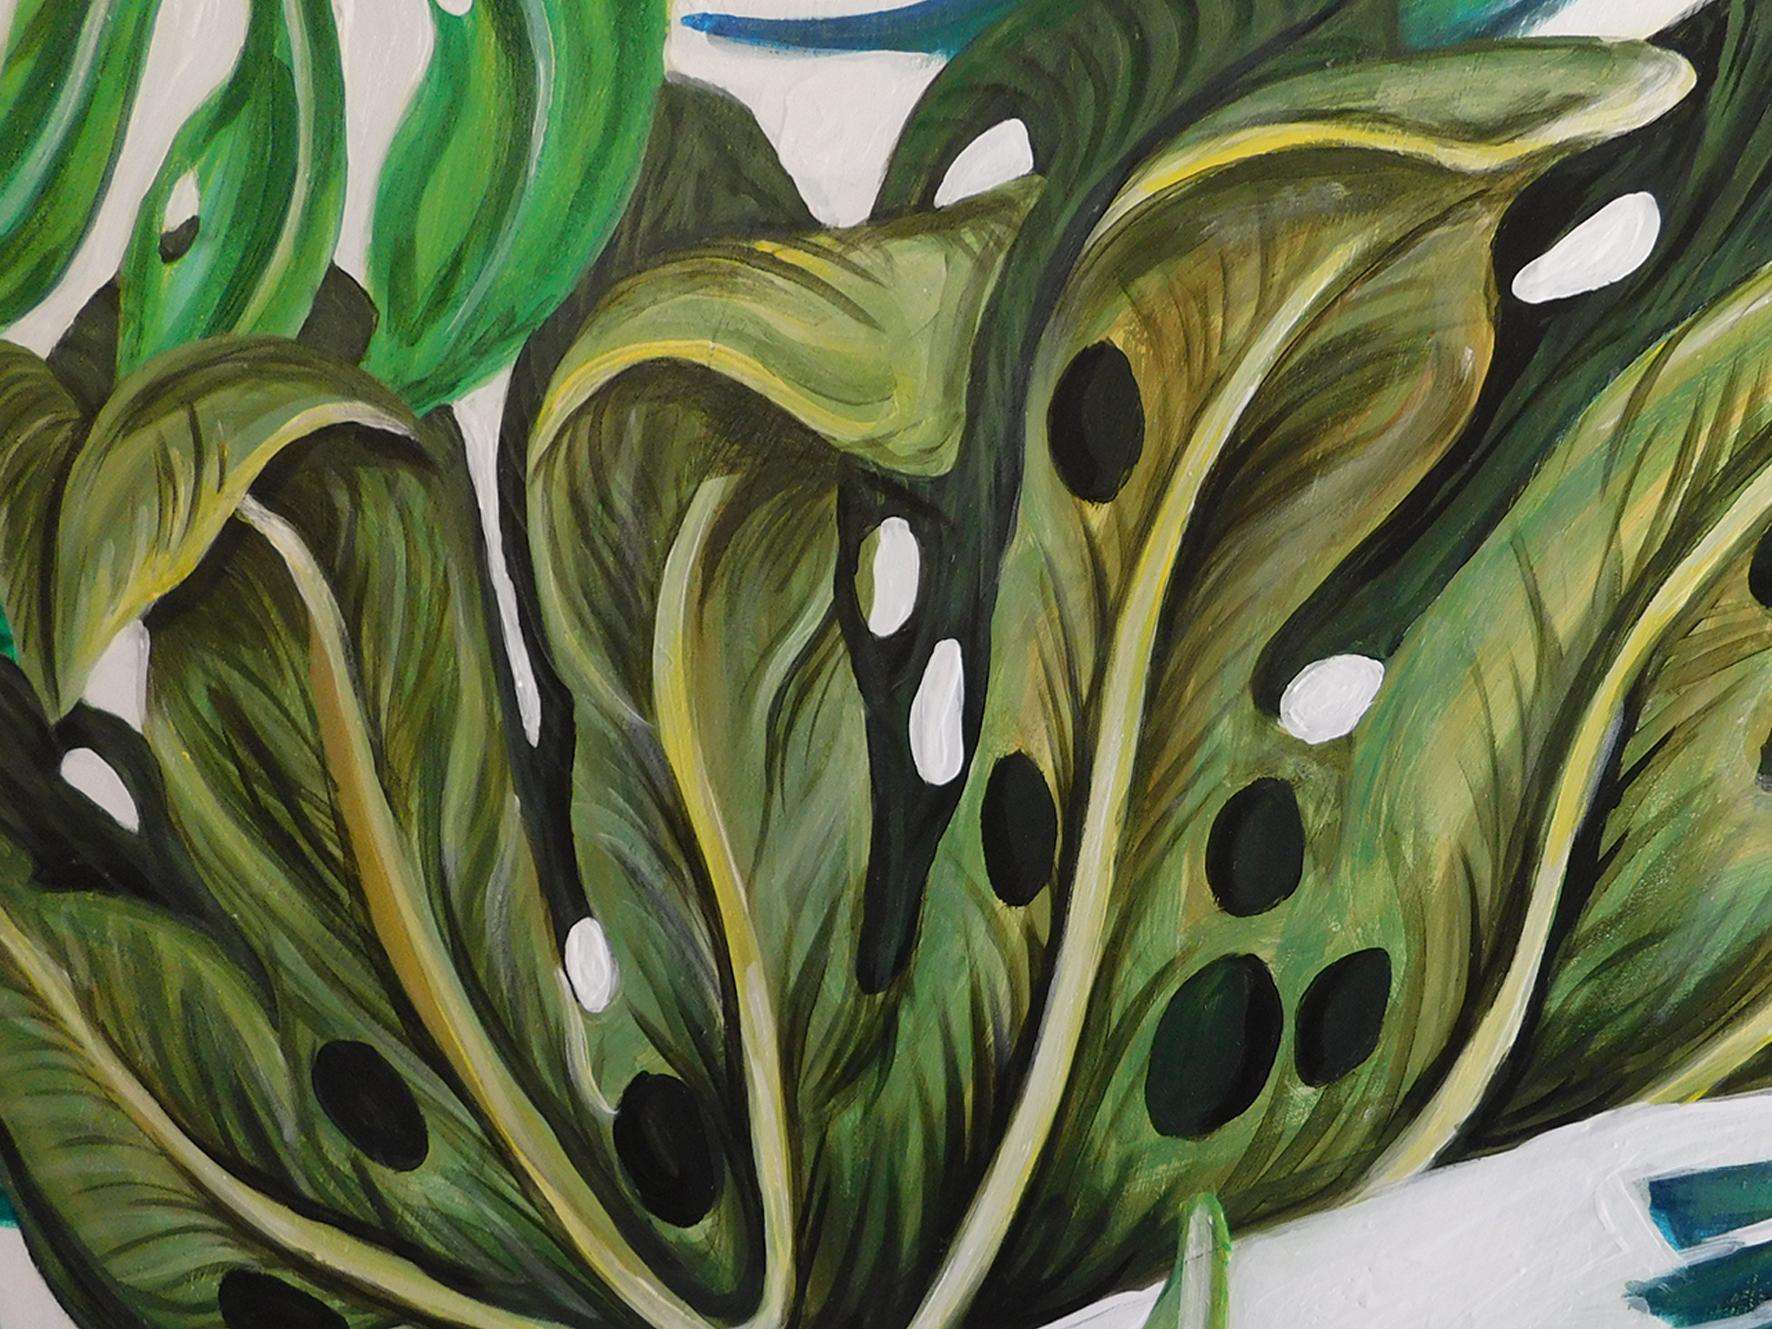 Illustrious Leaves Part 1 Natalie Daghestani Art Dubai BSAB5